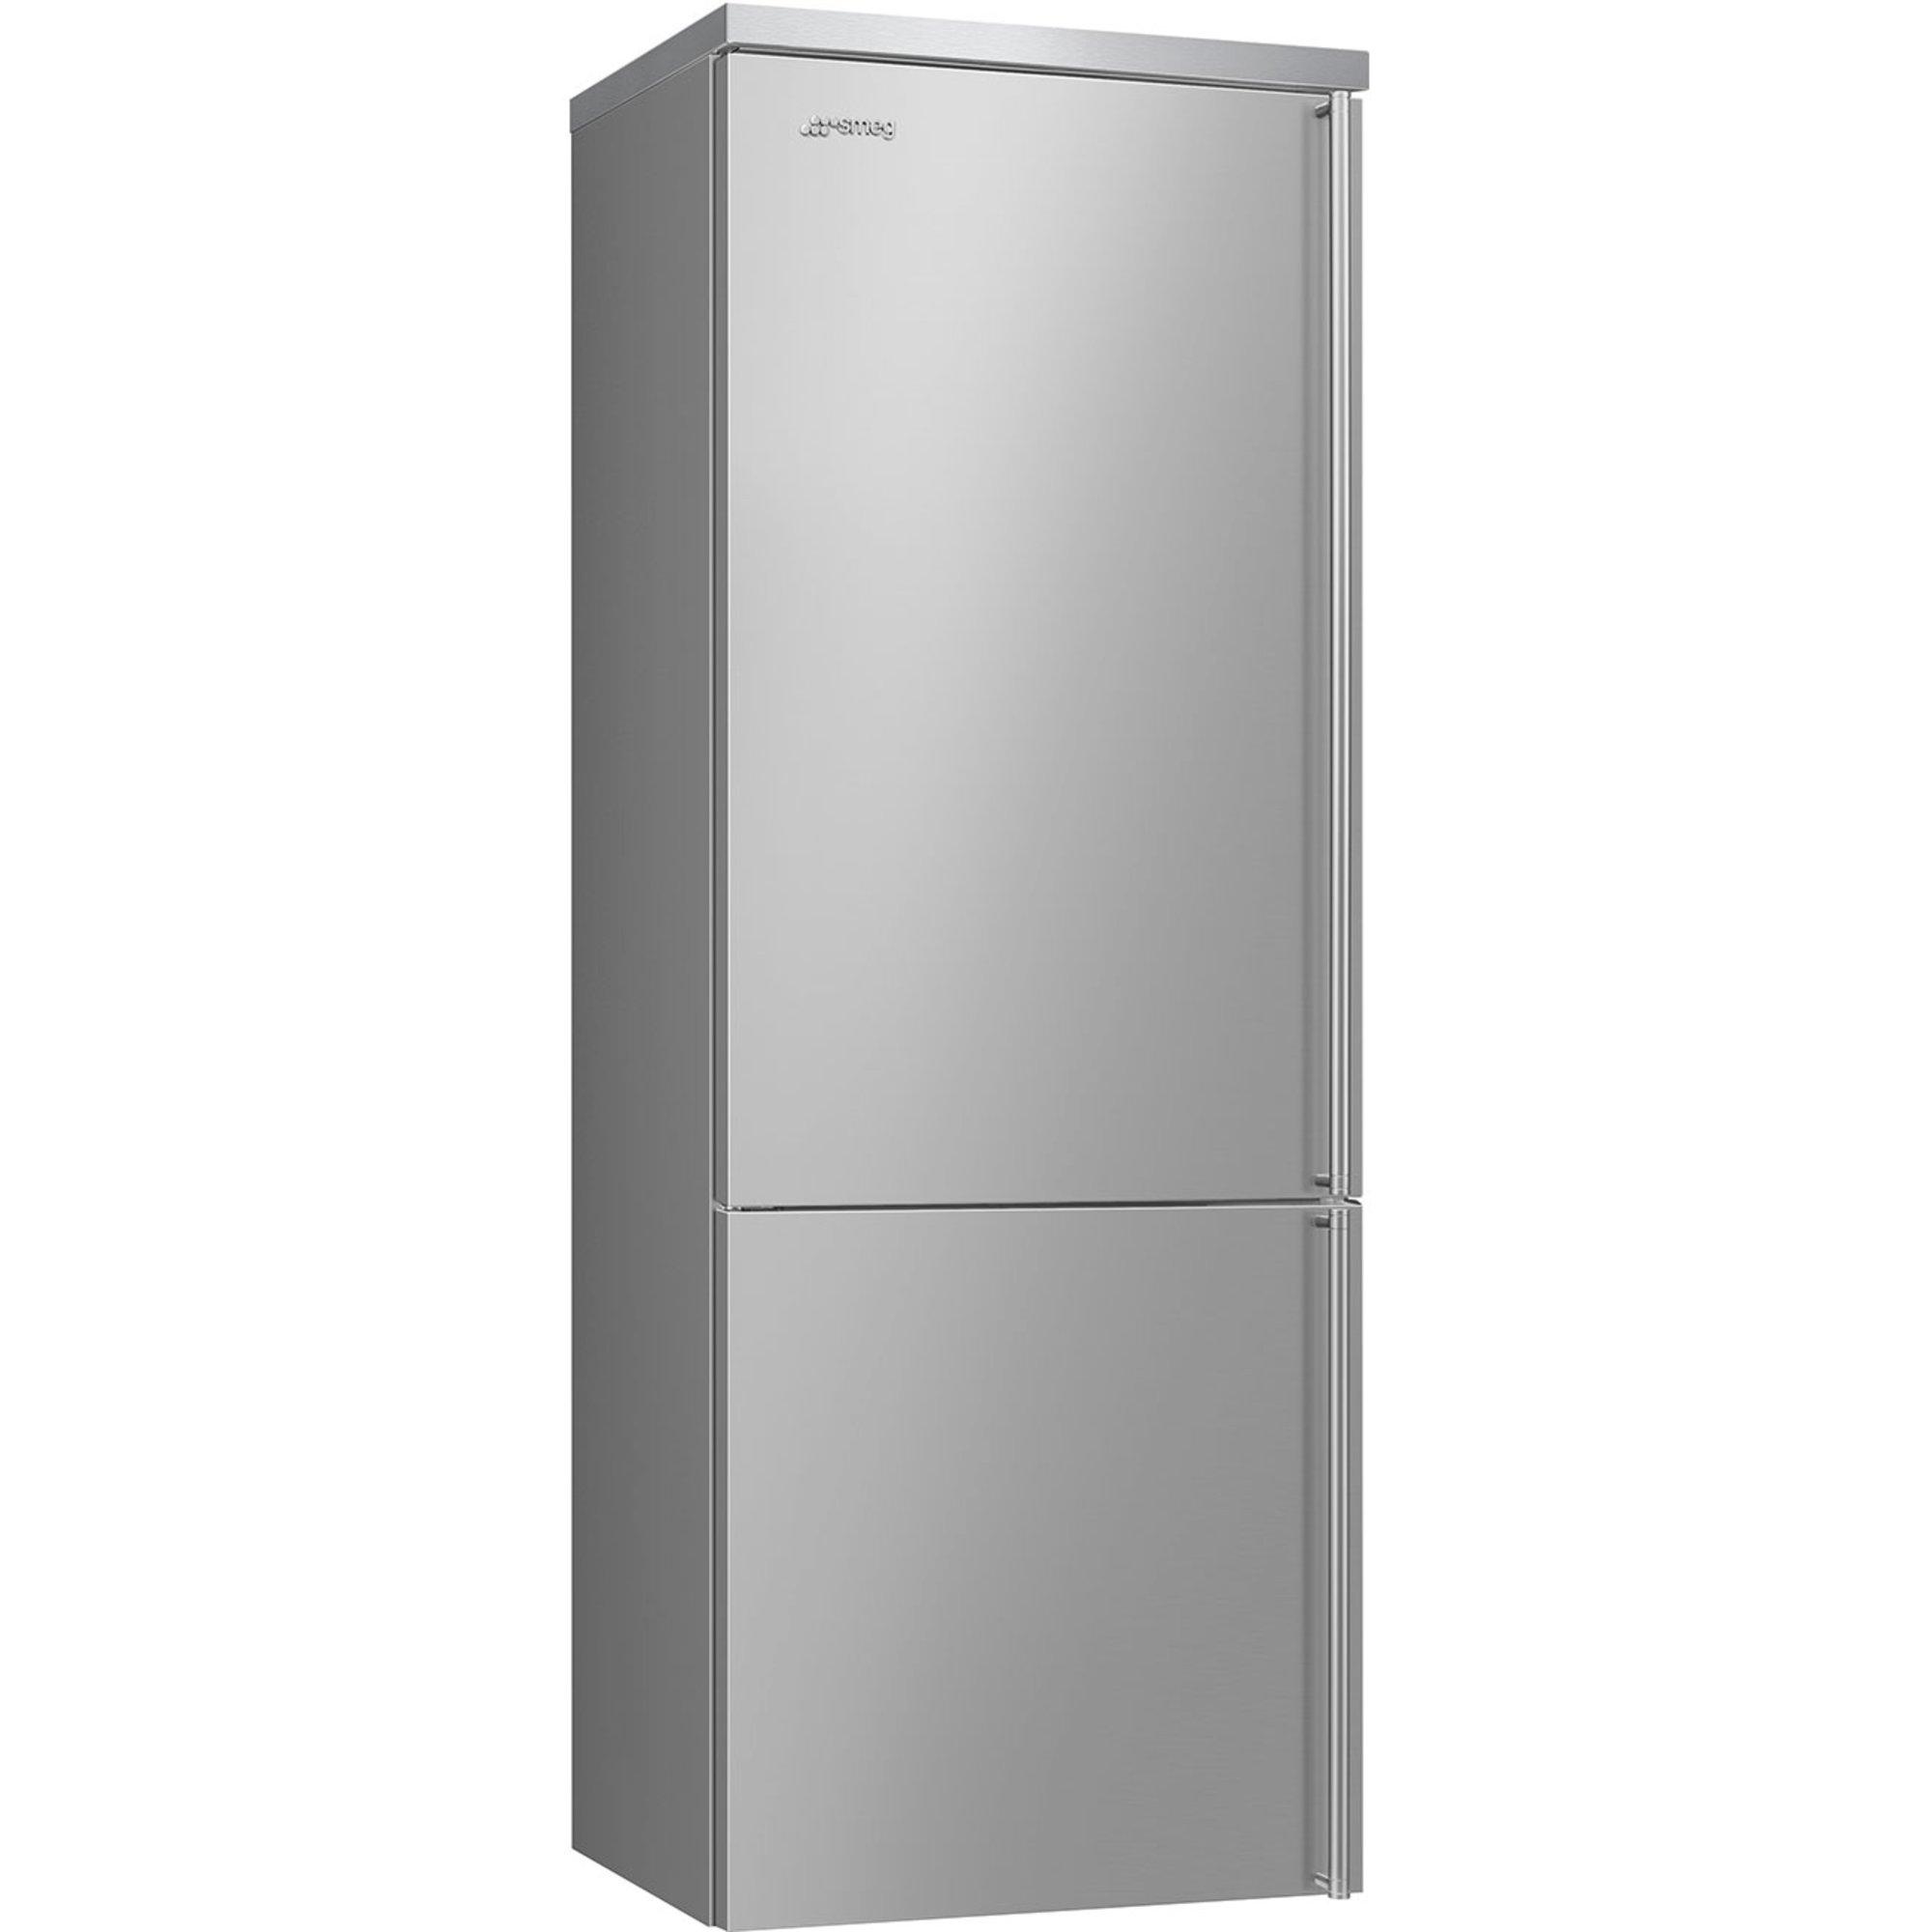 Smeg FA3905LX5 køle-/fryseskab rustfrit stål, venstrehængt